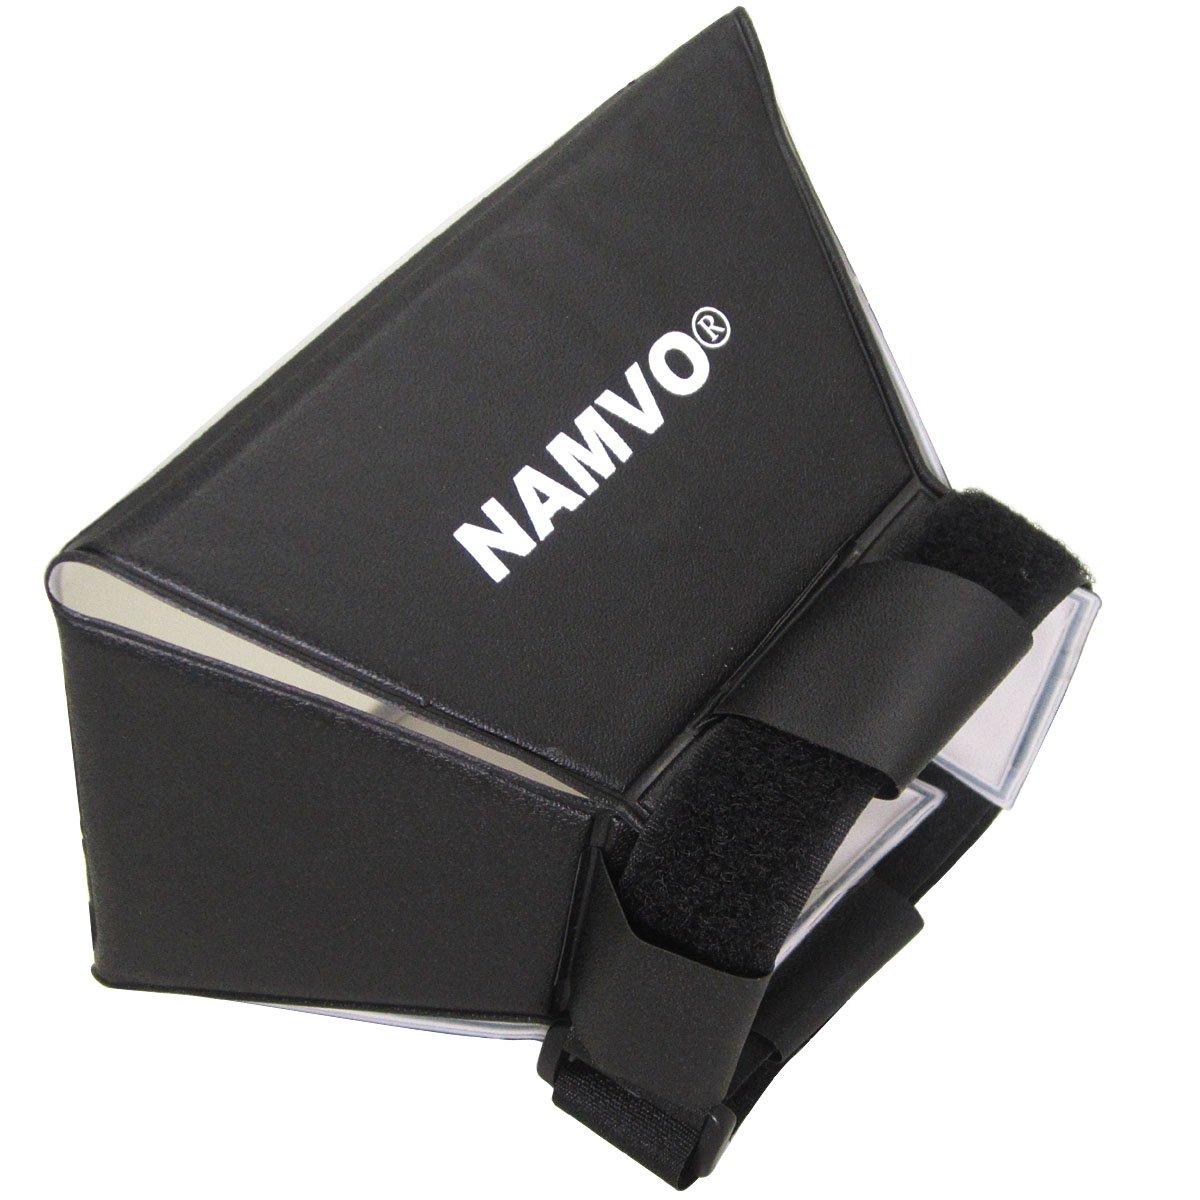 YONGNUO YN560-TX II Controlador de Flash inal/ámbrico YN560-TX II//C para c/ámaras DSLR Canon NAMVO difusor